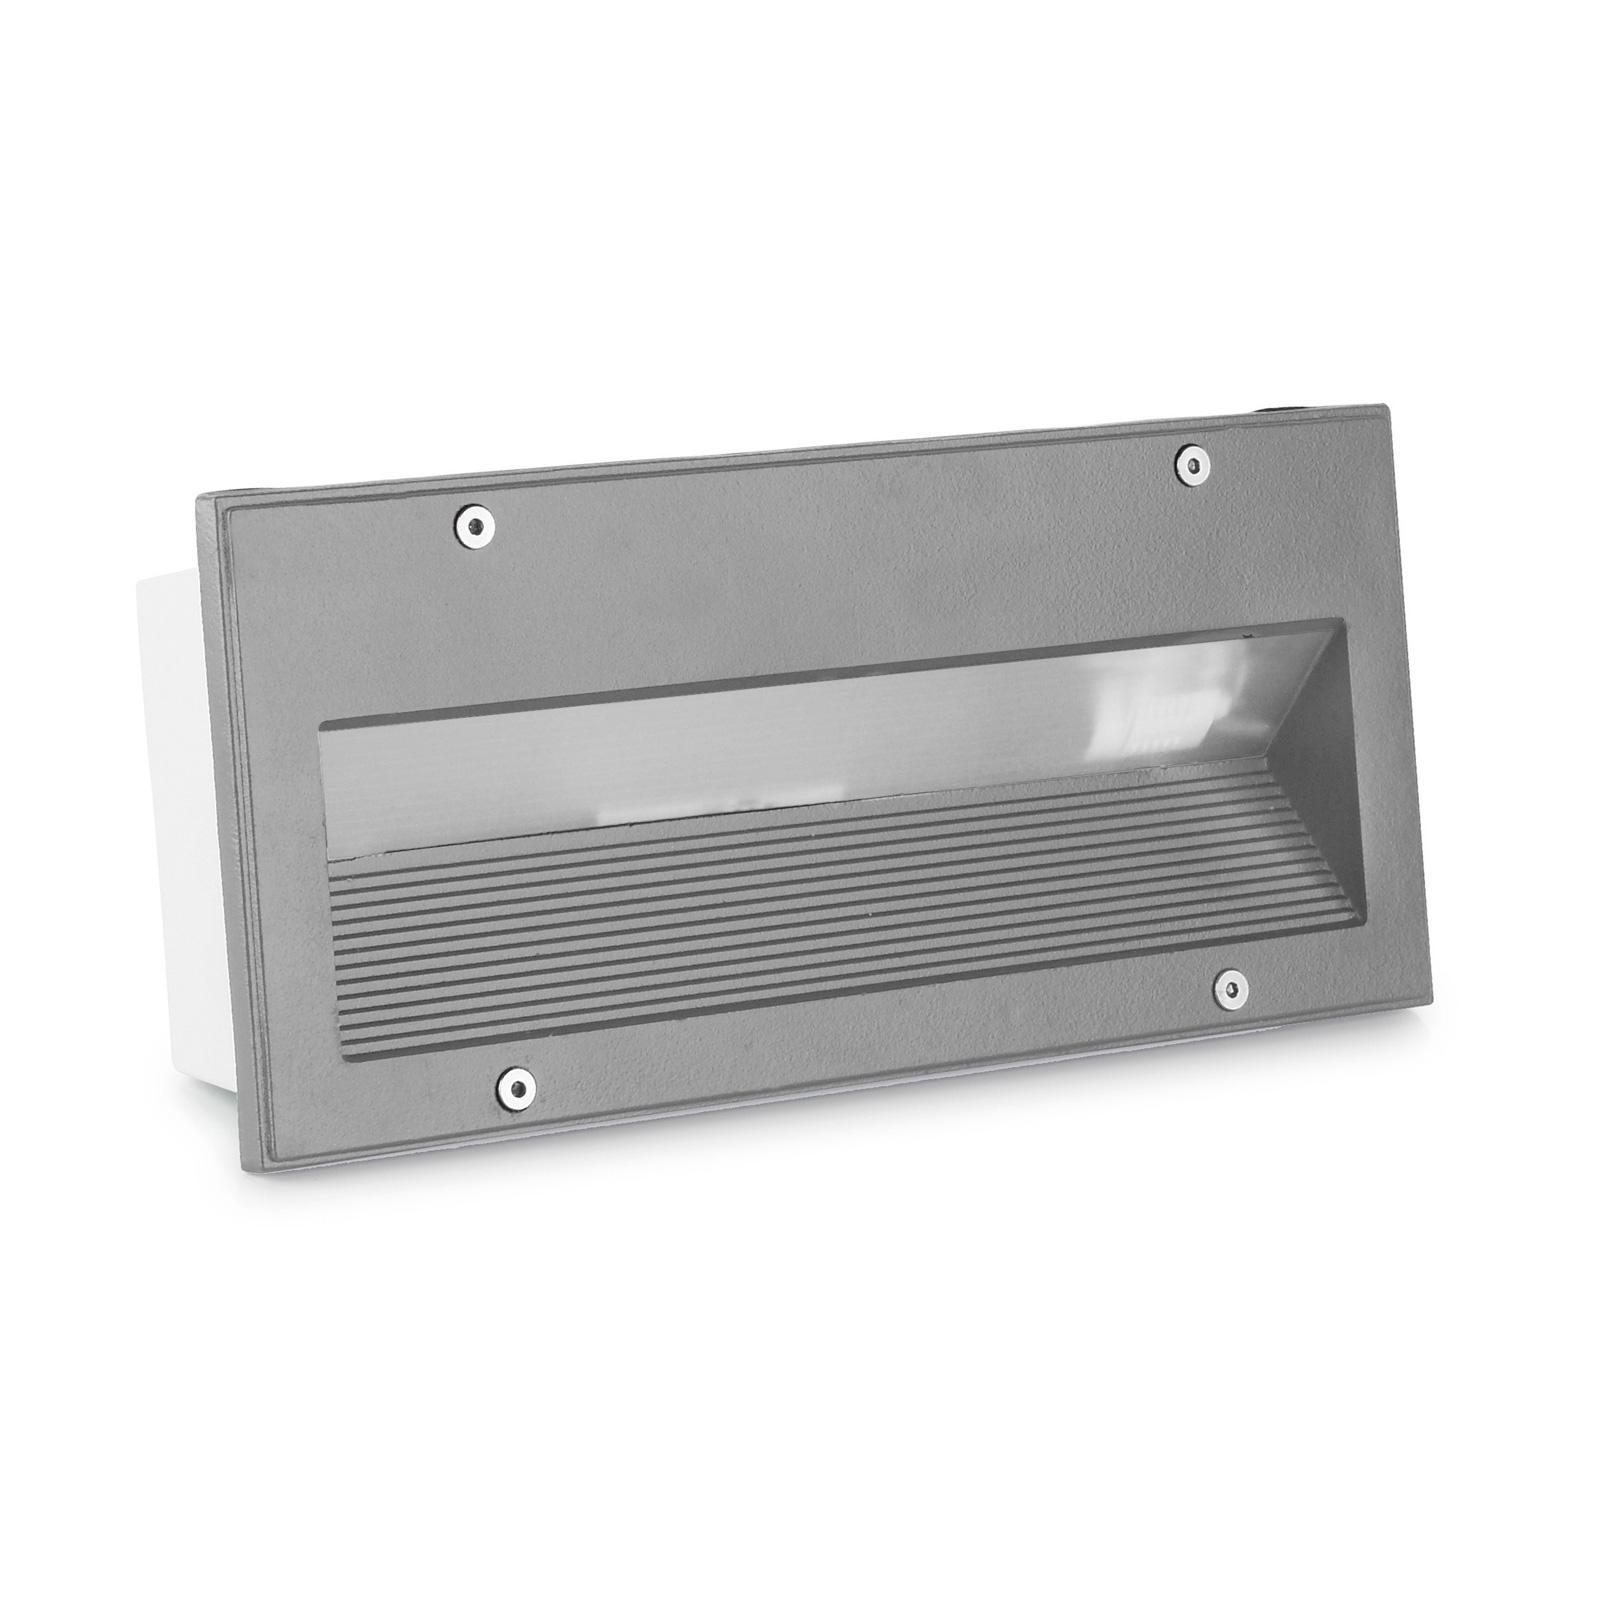 LEDS-C4 Micenas lampe encastrée 25,5x11,5cm grise